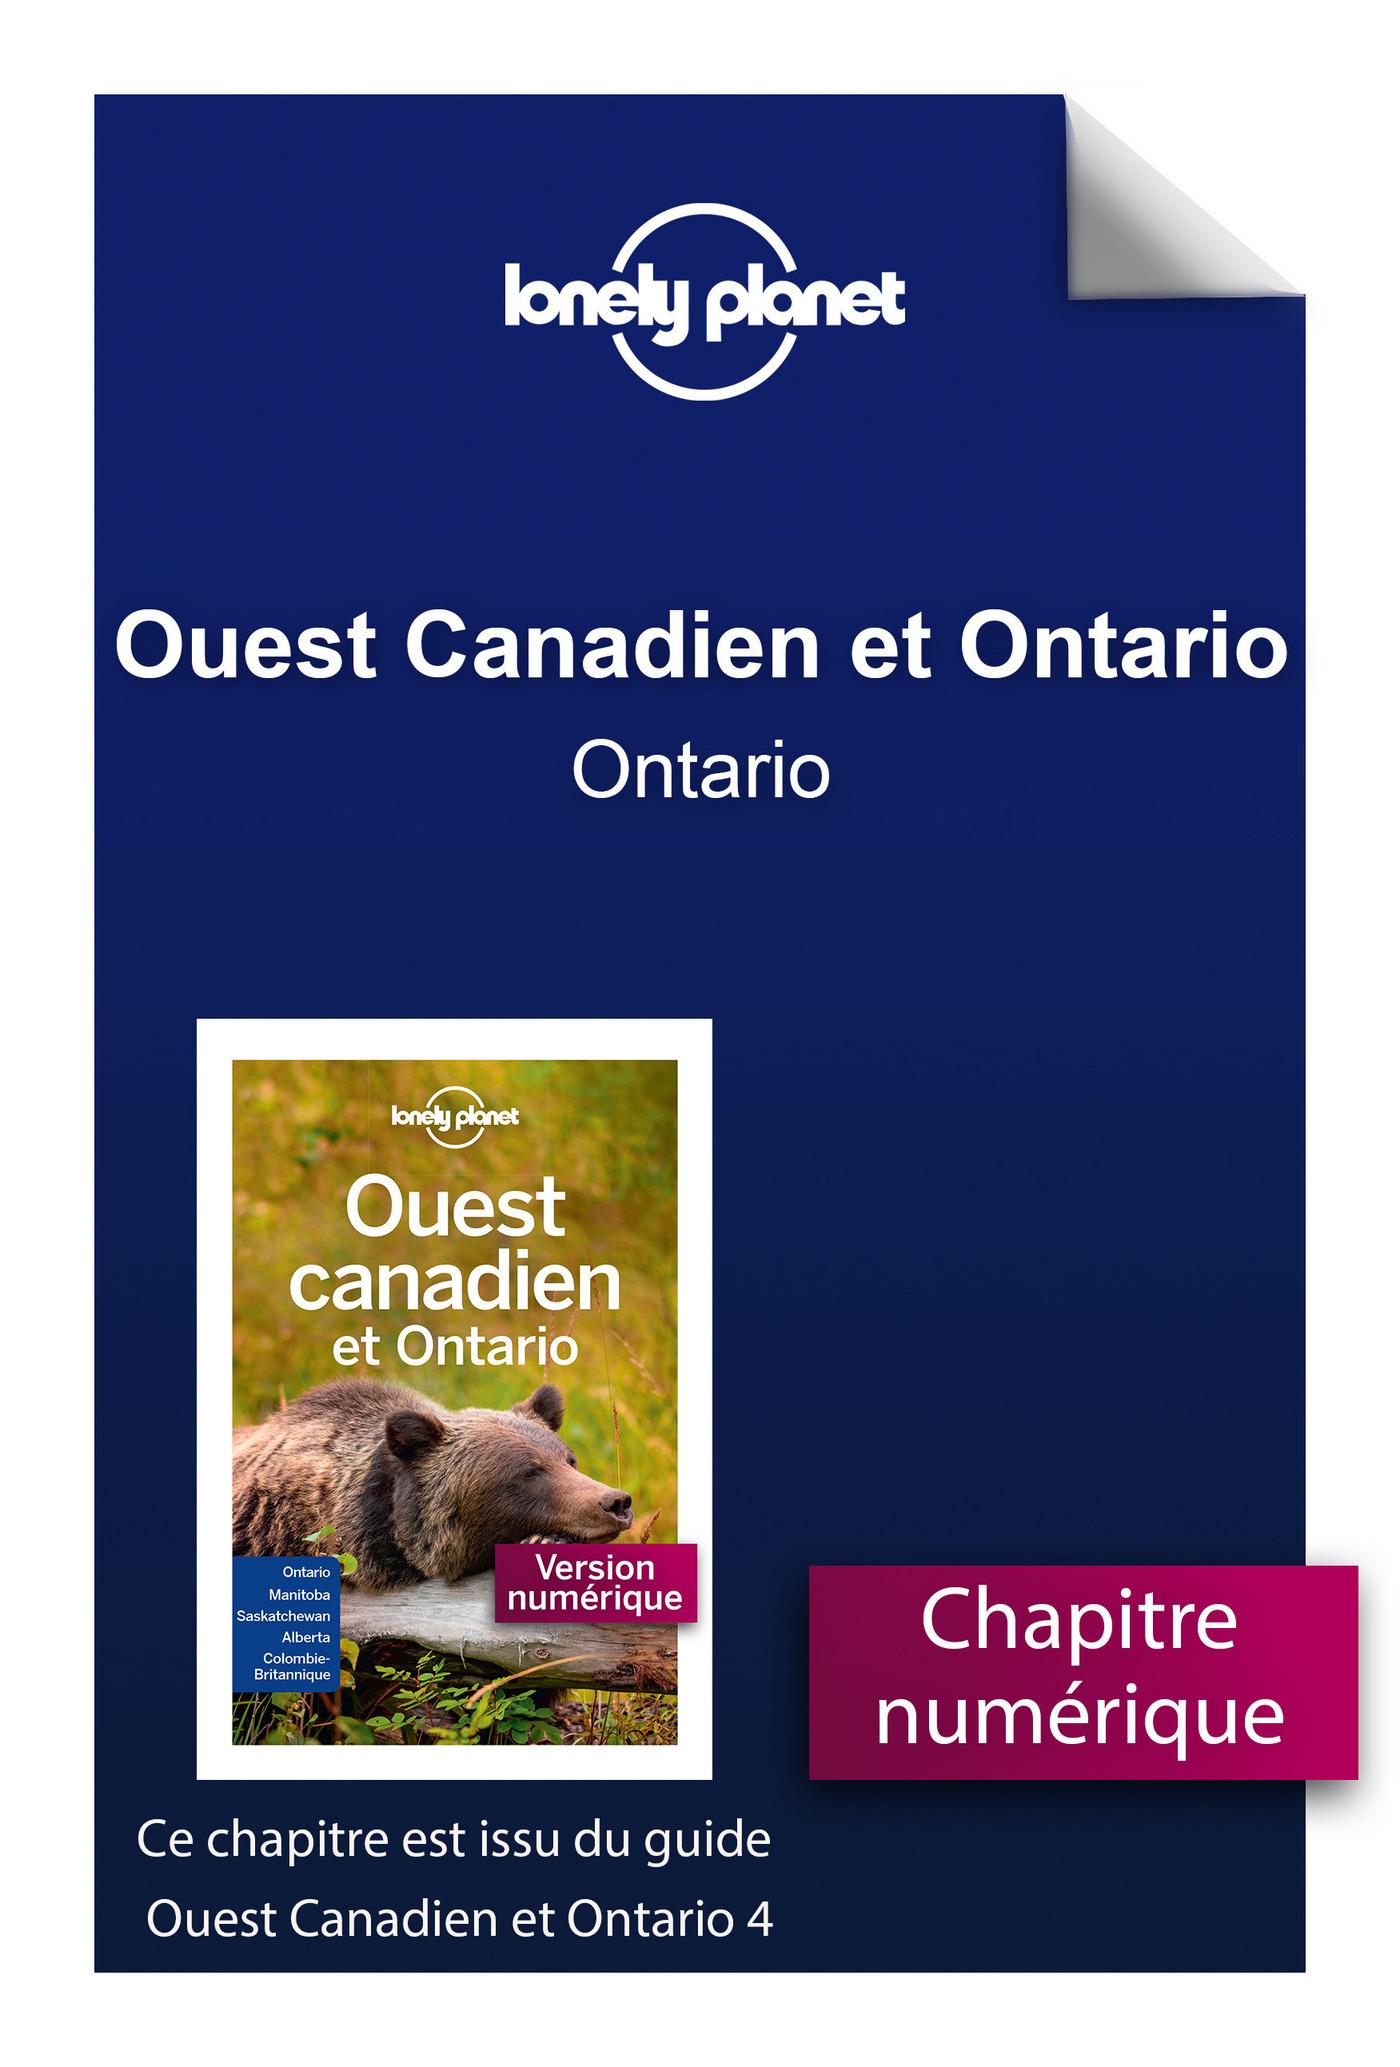 Ouest Canadien et Ontario 4 - Ontario